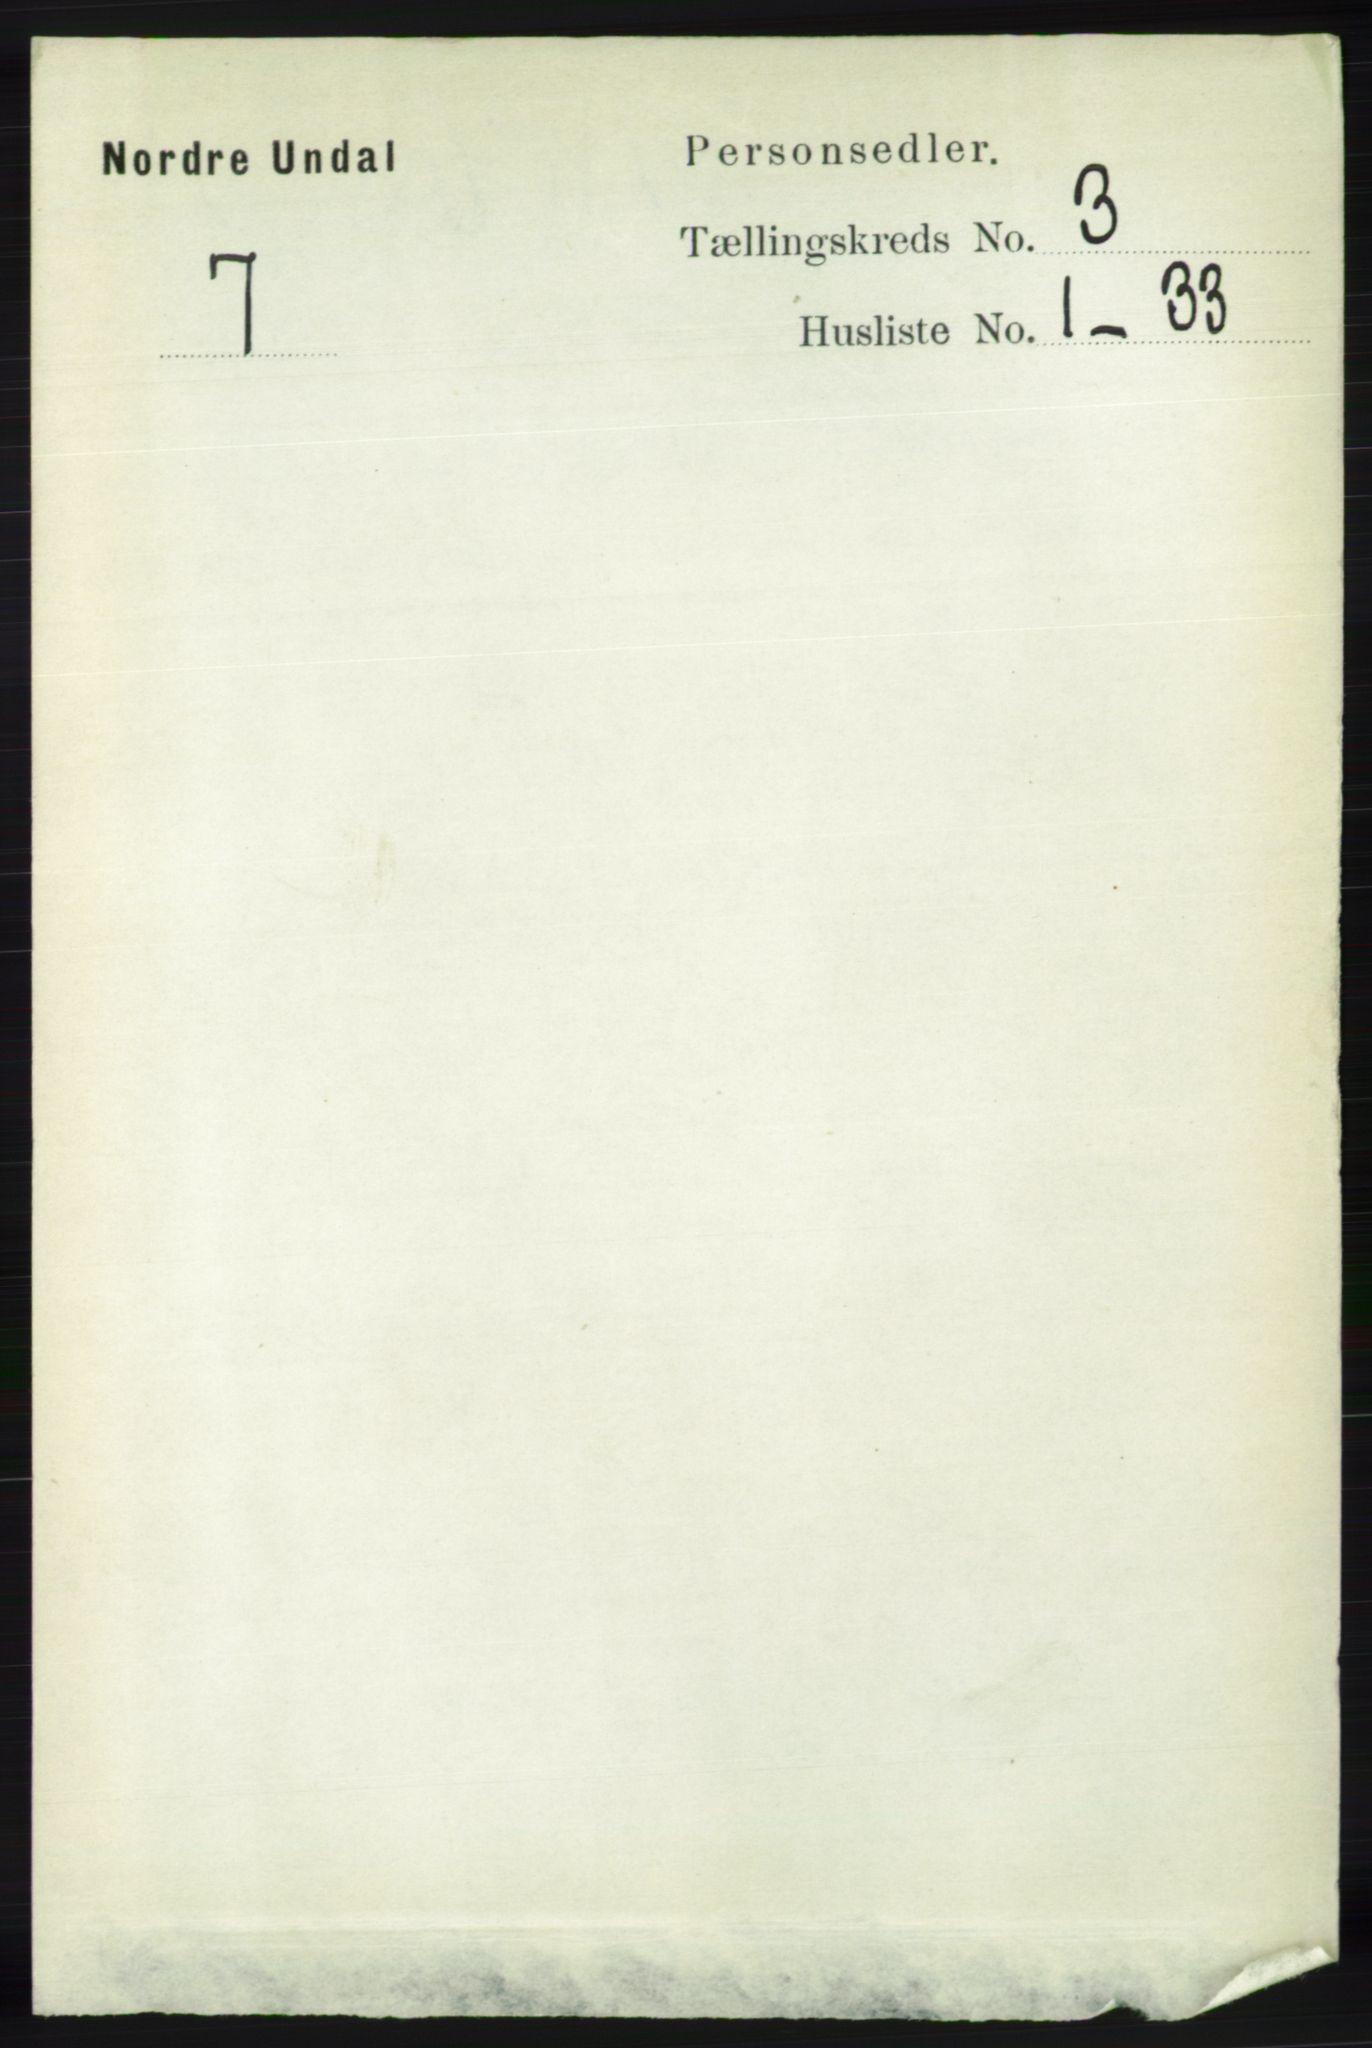 RA, Folketelling 1891 for 1028 Nord-Audnedal herred, 1891, s. 774